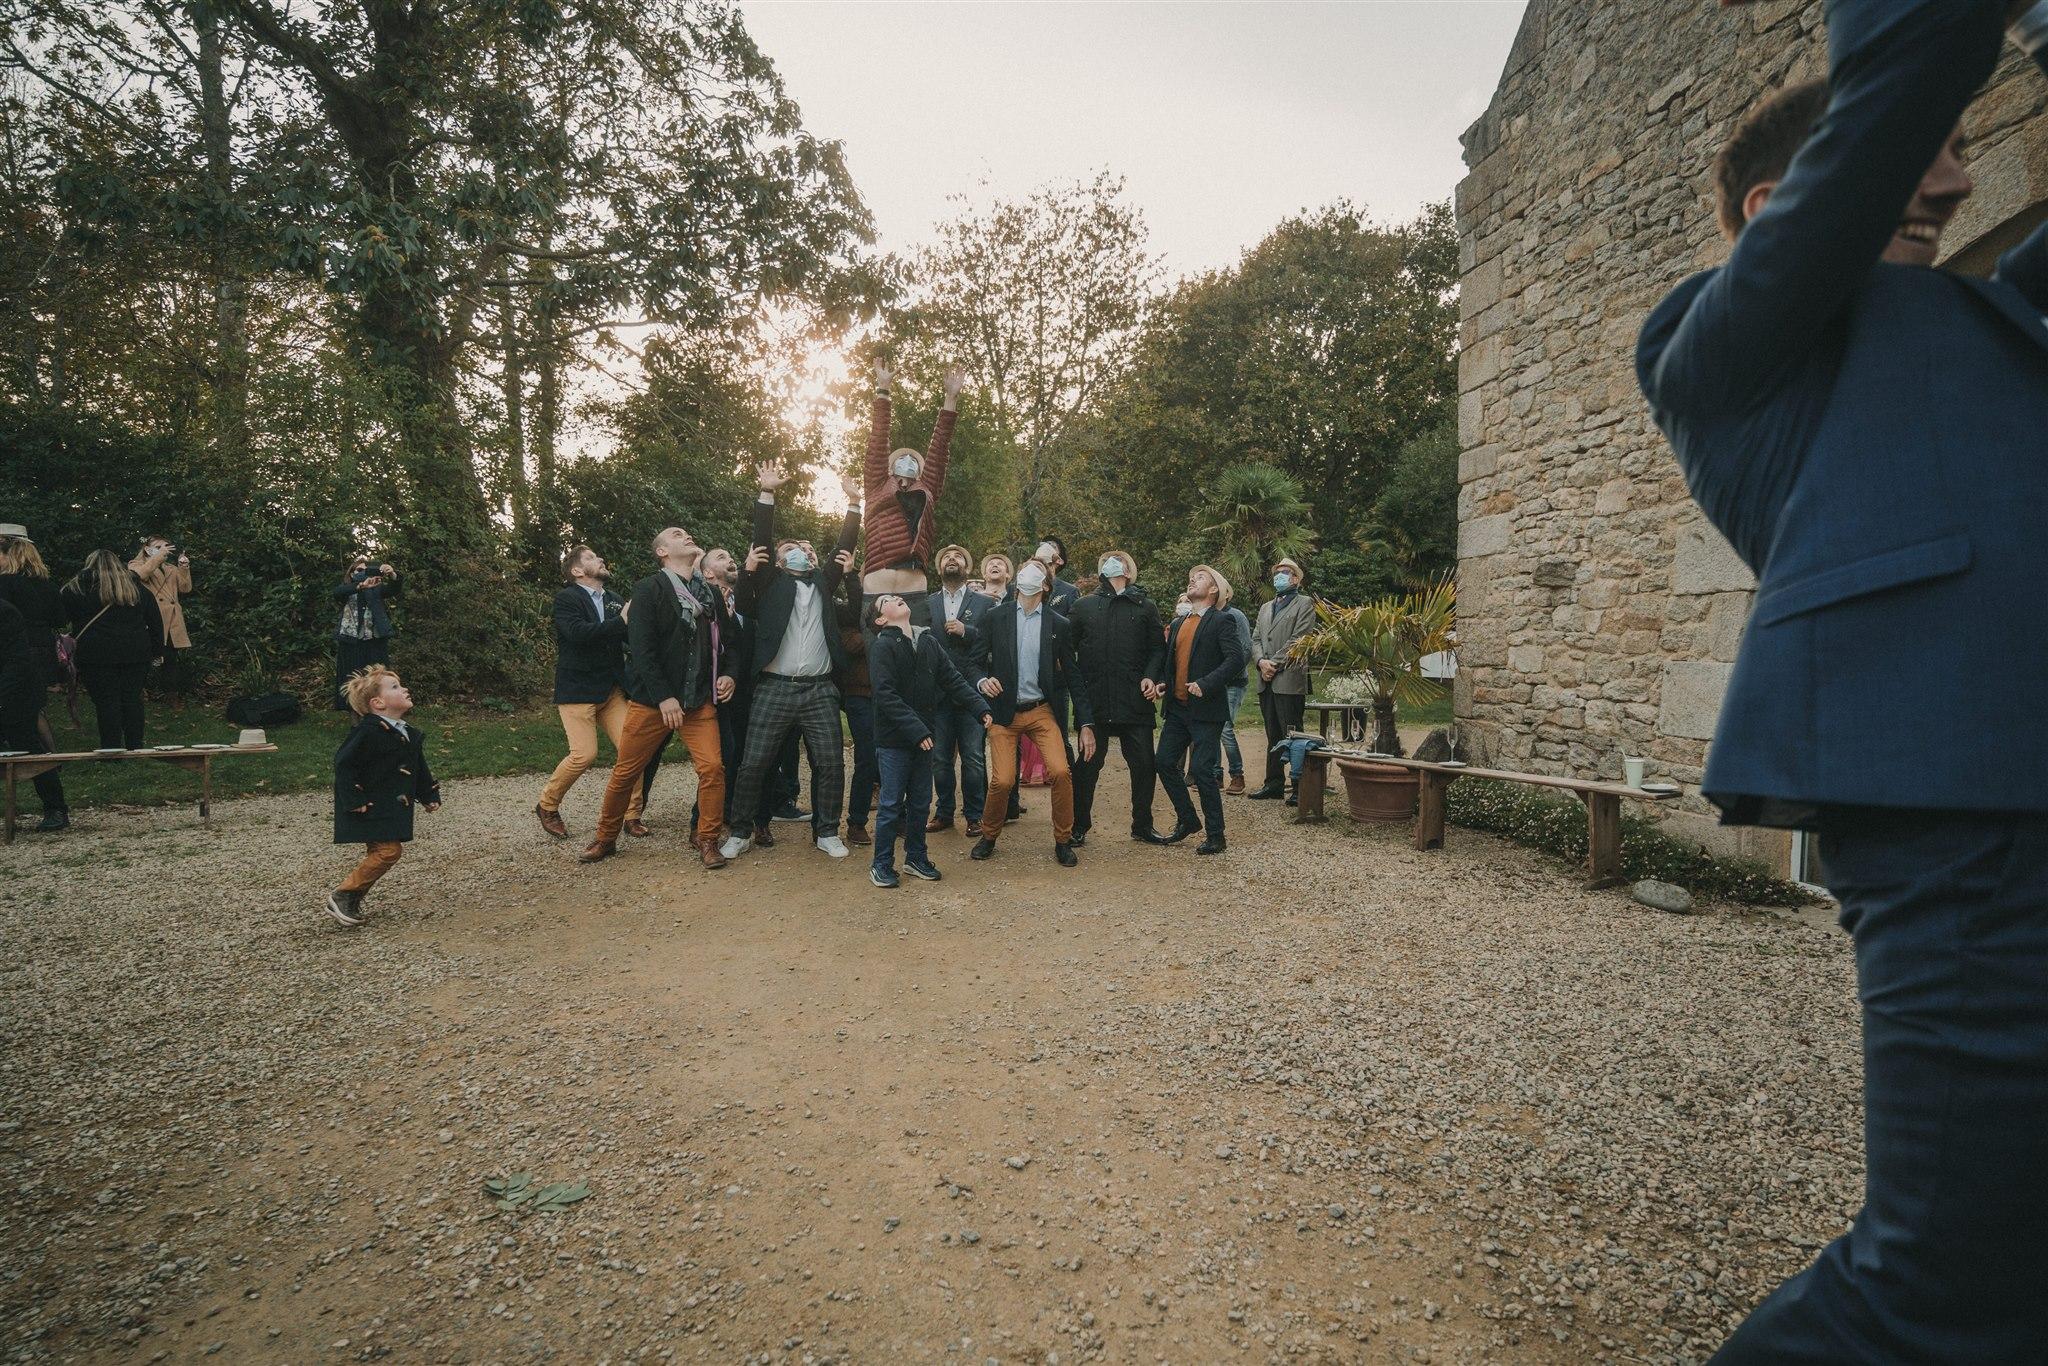 Photo De Mariage De Marine Mickael Au Clos De Trevannec À Pont L Abbé Par Antoine Borzeix Photographe De Mariage À Quimper Www.antoineborzeix.frA7303974, Photographe & Videaste à Brest / Finistère